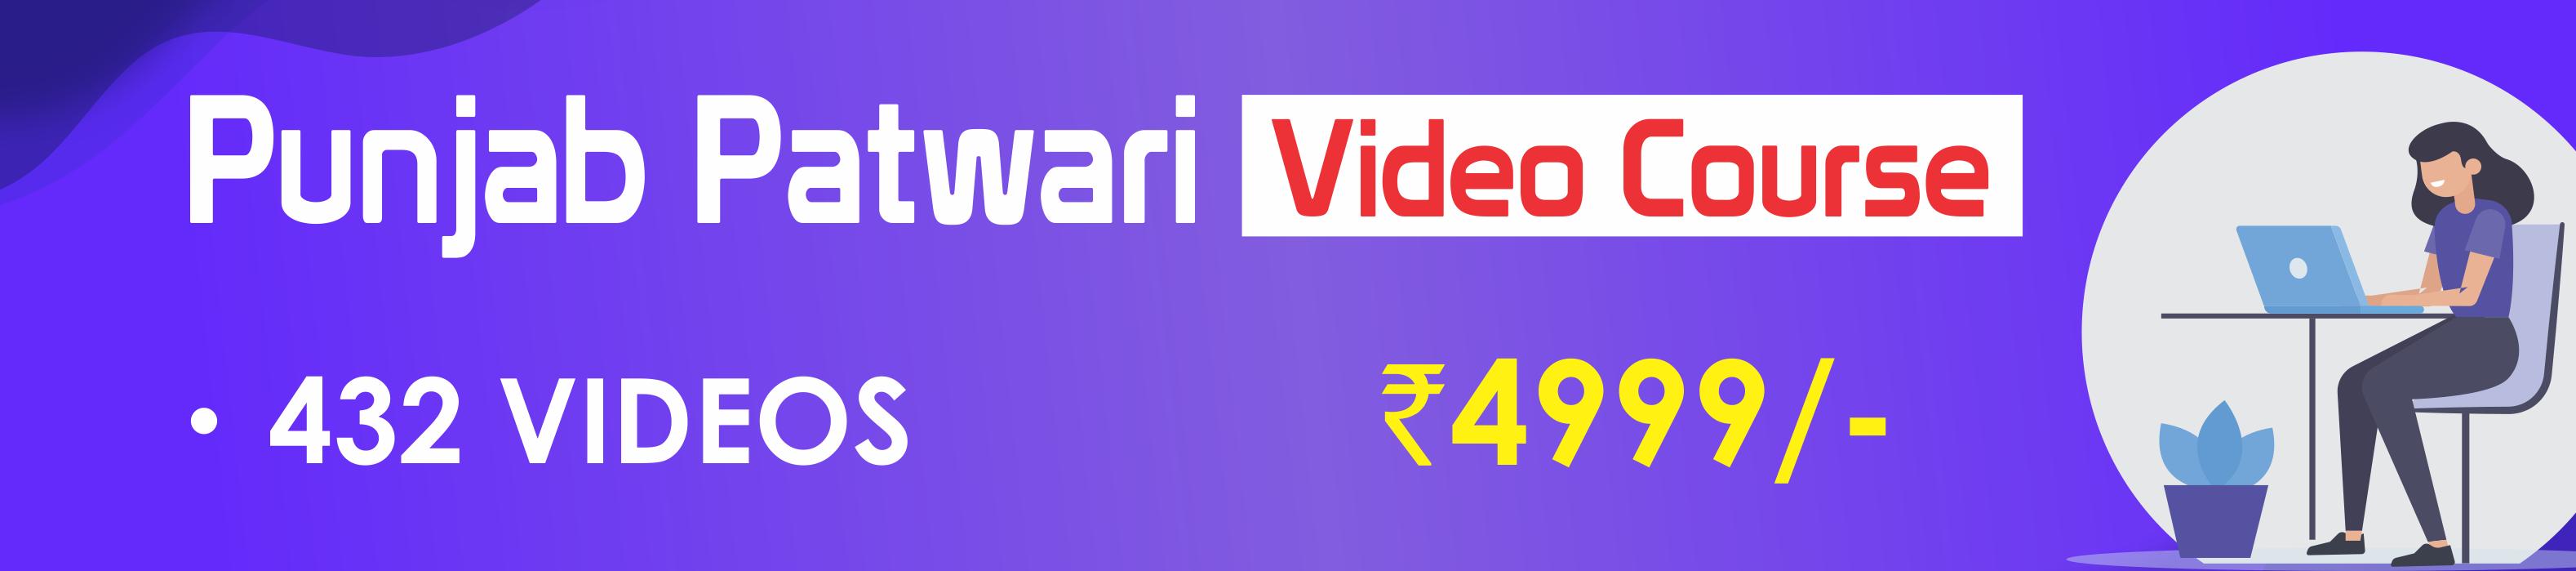 punjab patwari video course